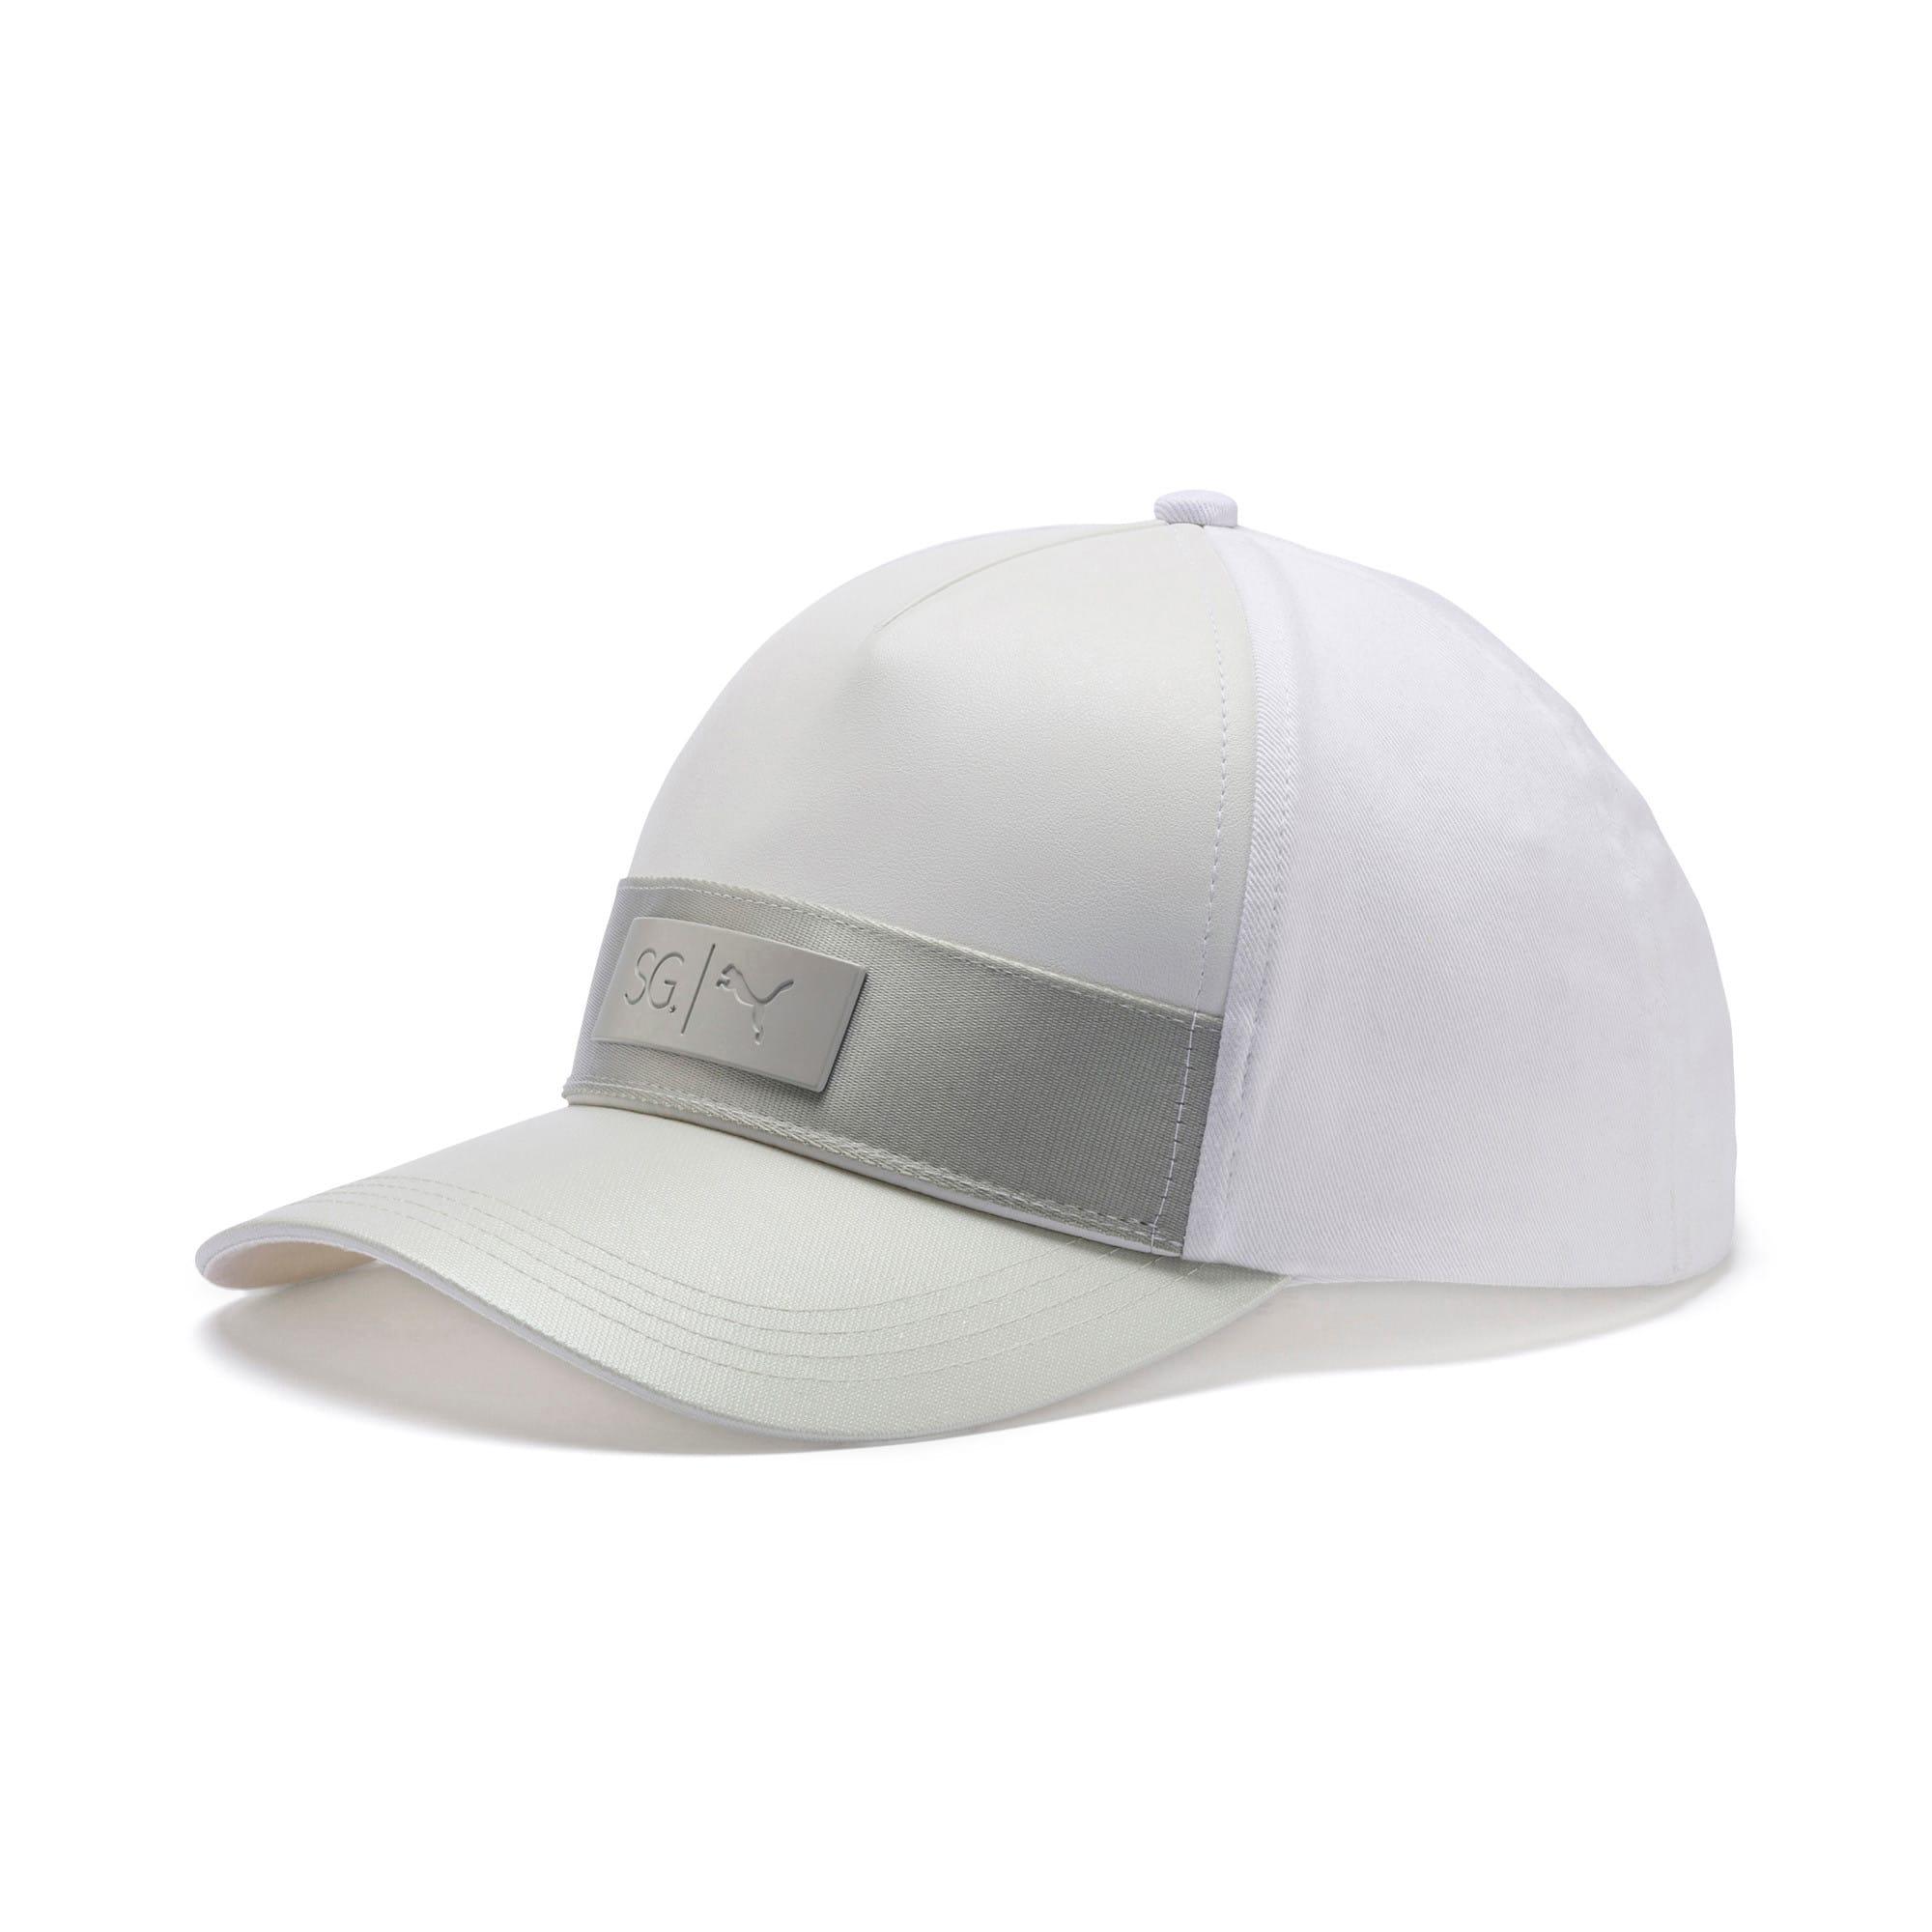 Thumbnail 1 of SG x PUMA Style Cap, Puma White, medium